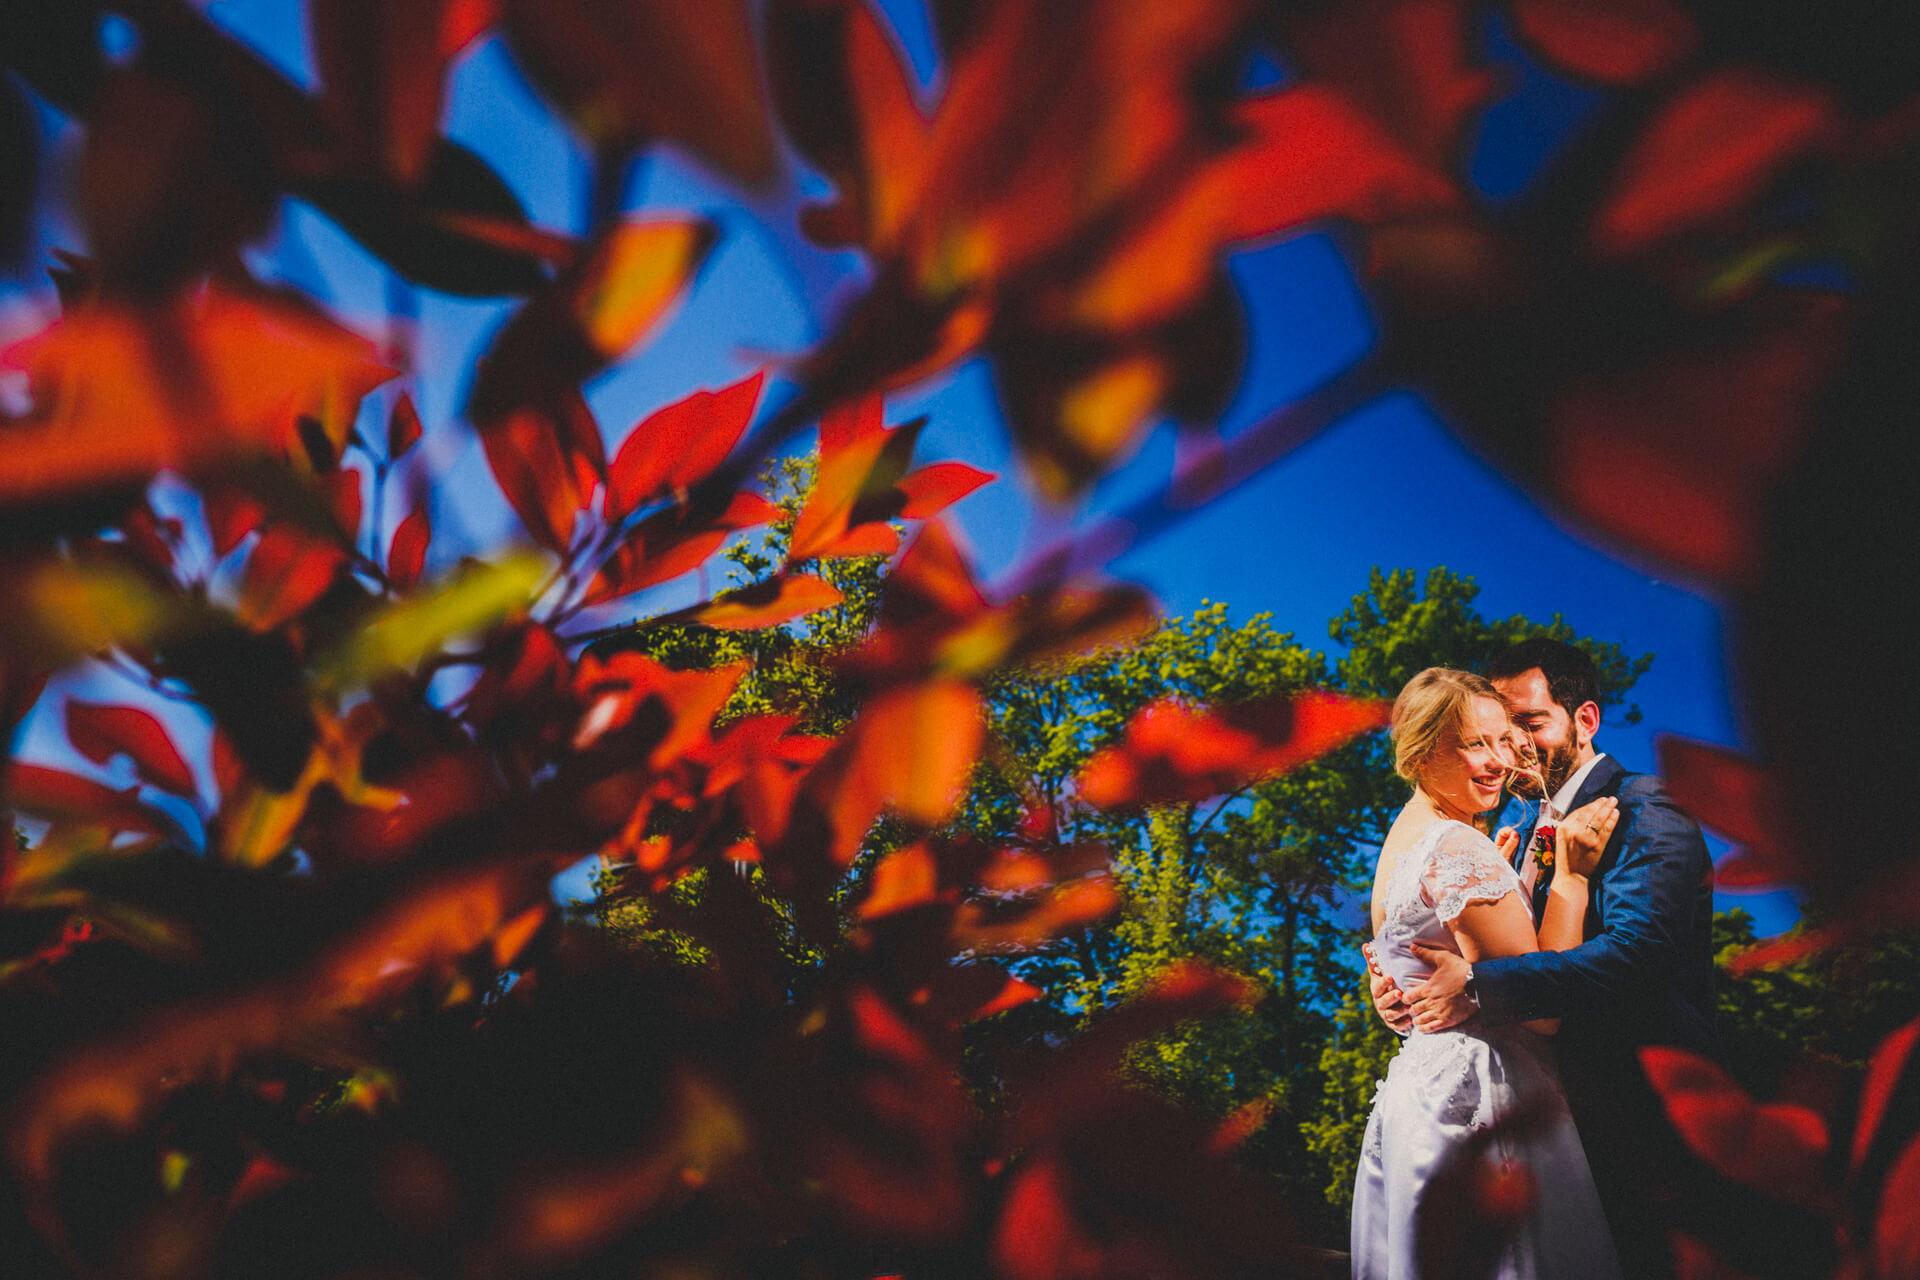 Hochzeitsfotograf Kirchheimbolanden * Parkhotel Schillerhain * Leonie & Artun´s Hochzeit * Mai 2019 * Rossi Photography